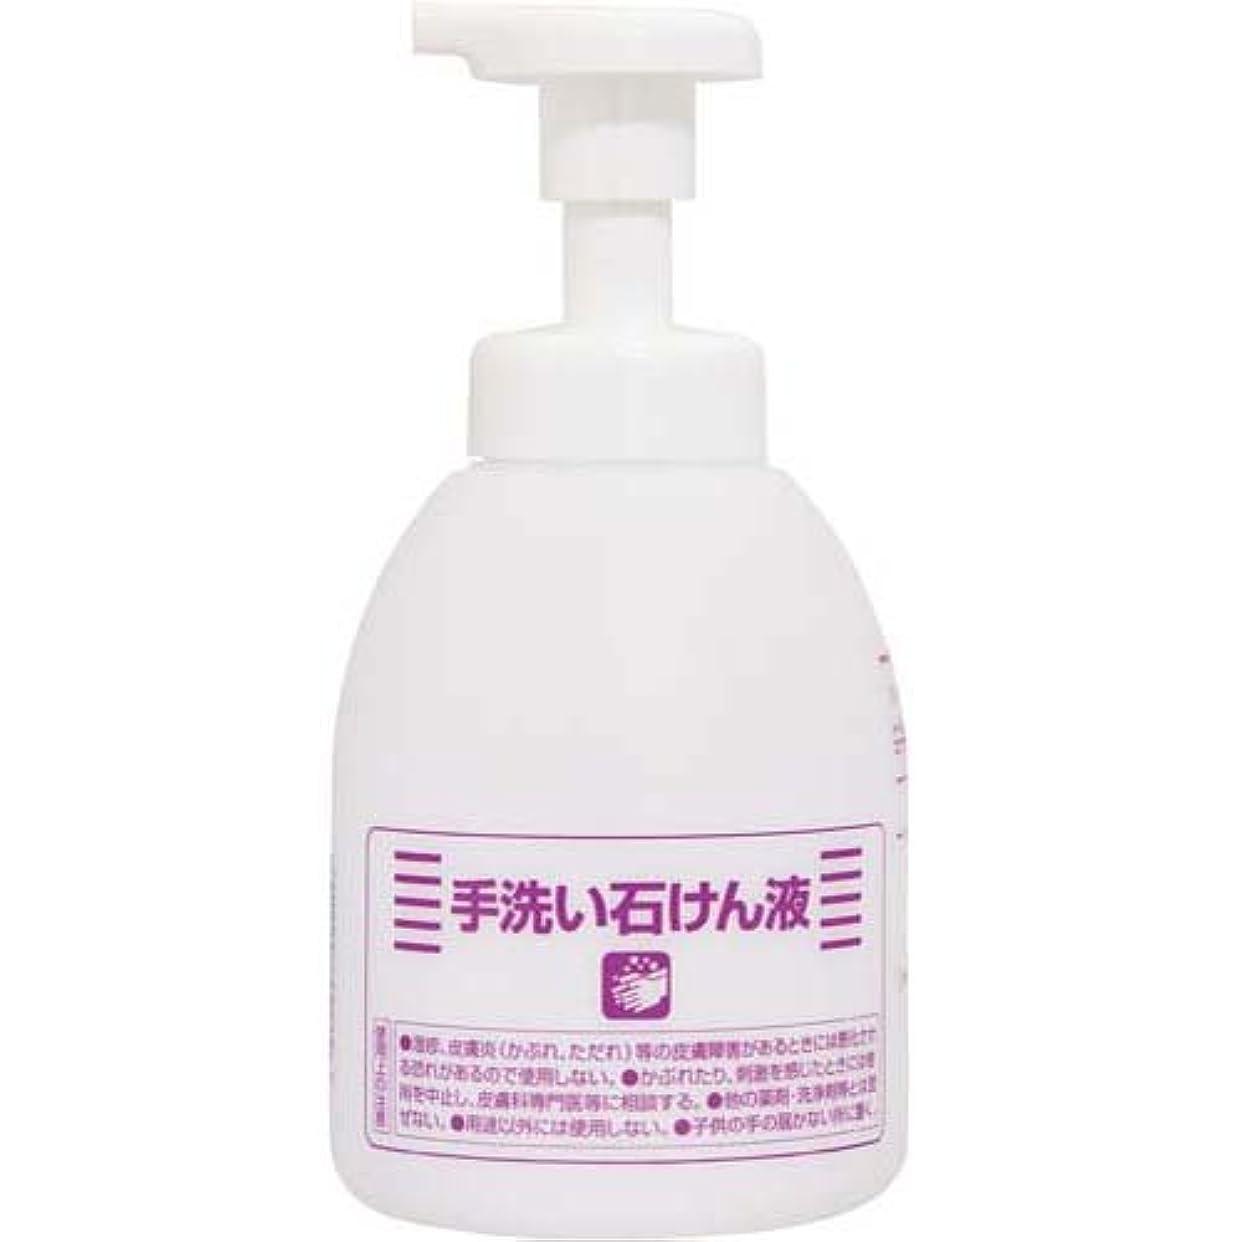 ステーキ予防接種掃除フォームディスペンサー(空容器)